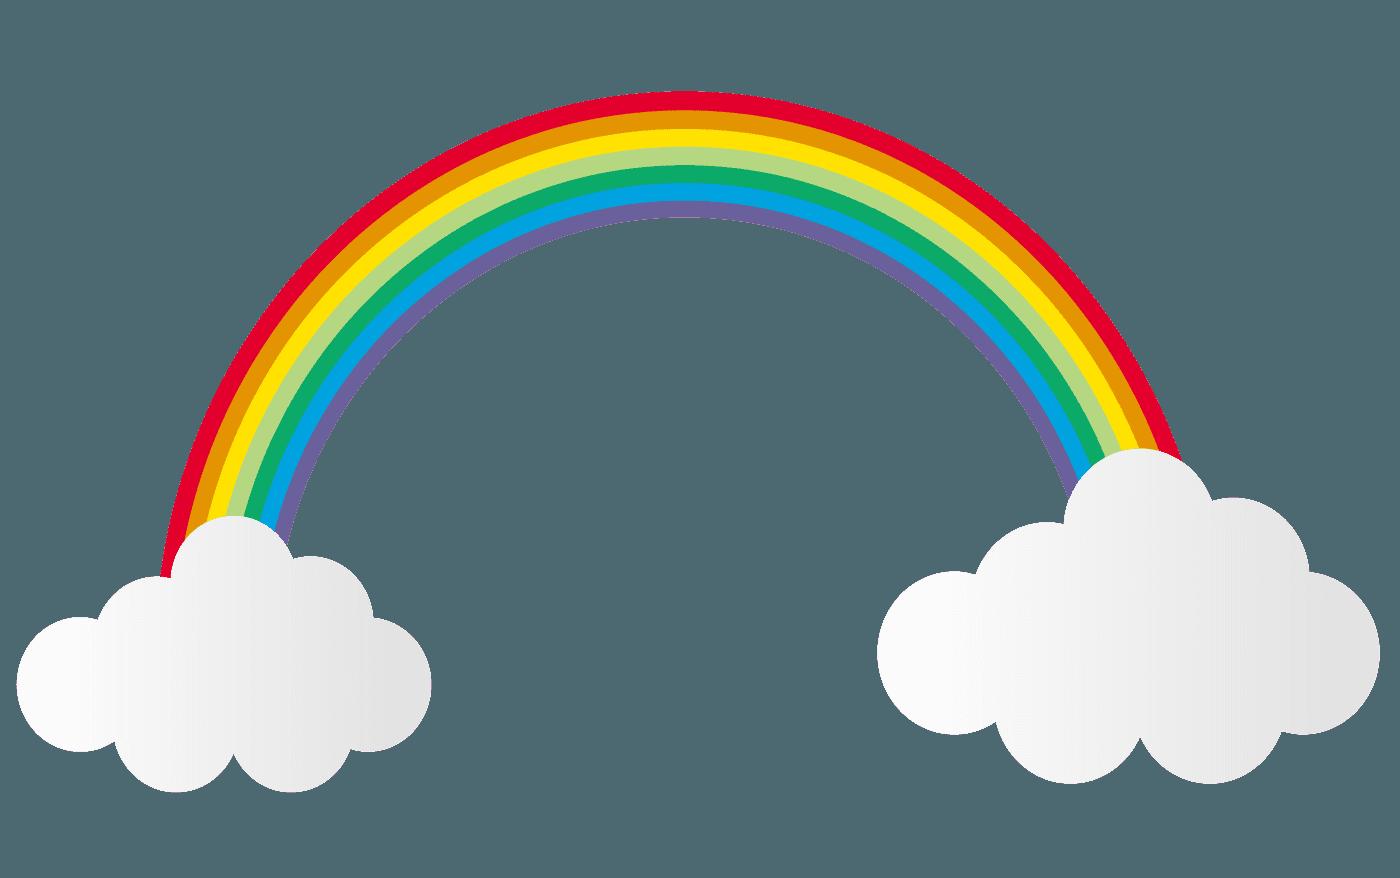 雲と虹イラスト